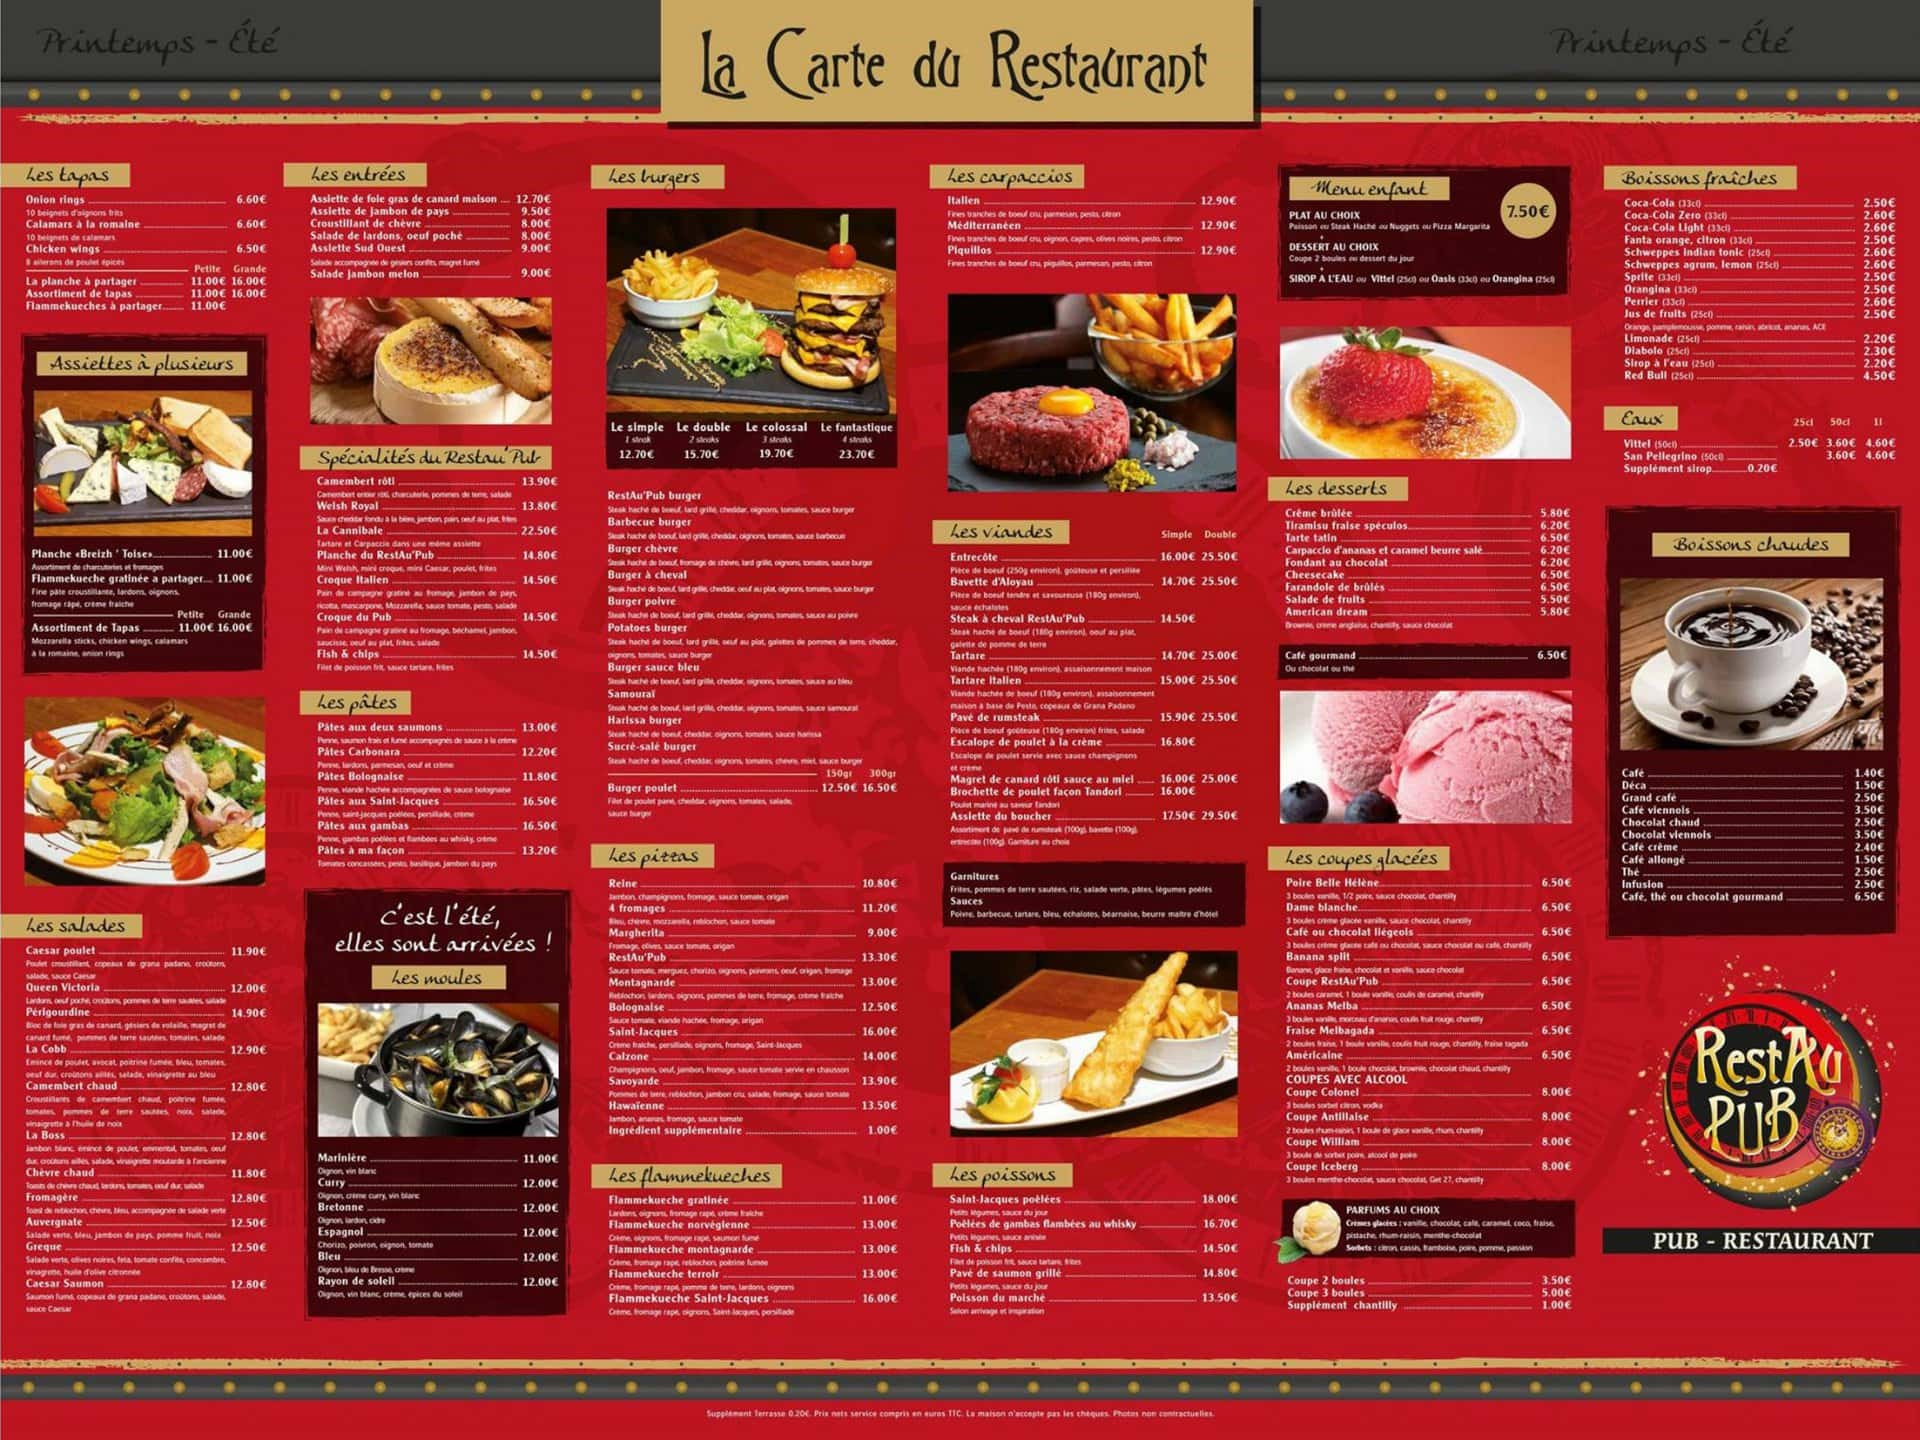 Restau pub brest carte menu et photos for Menu ete original